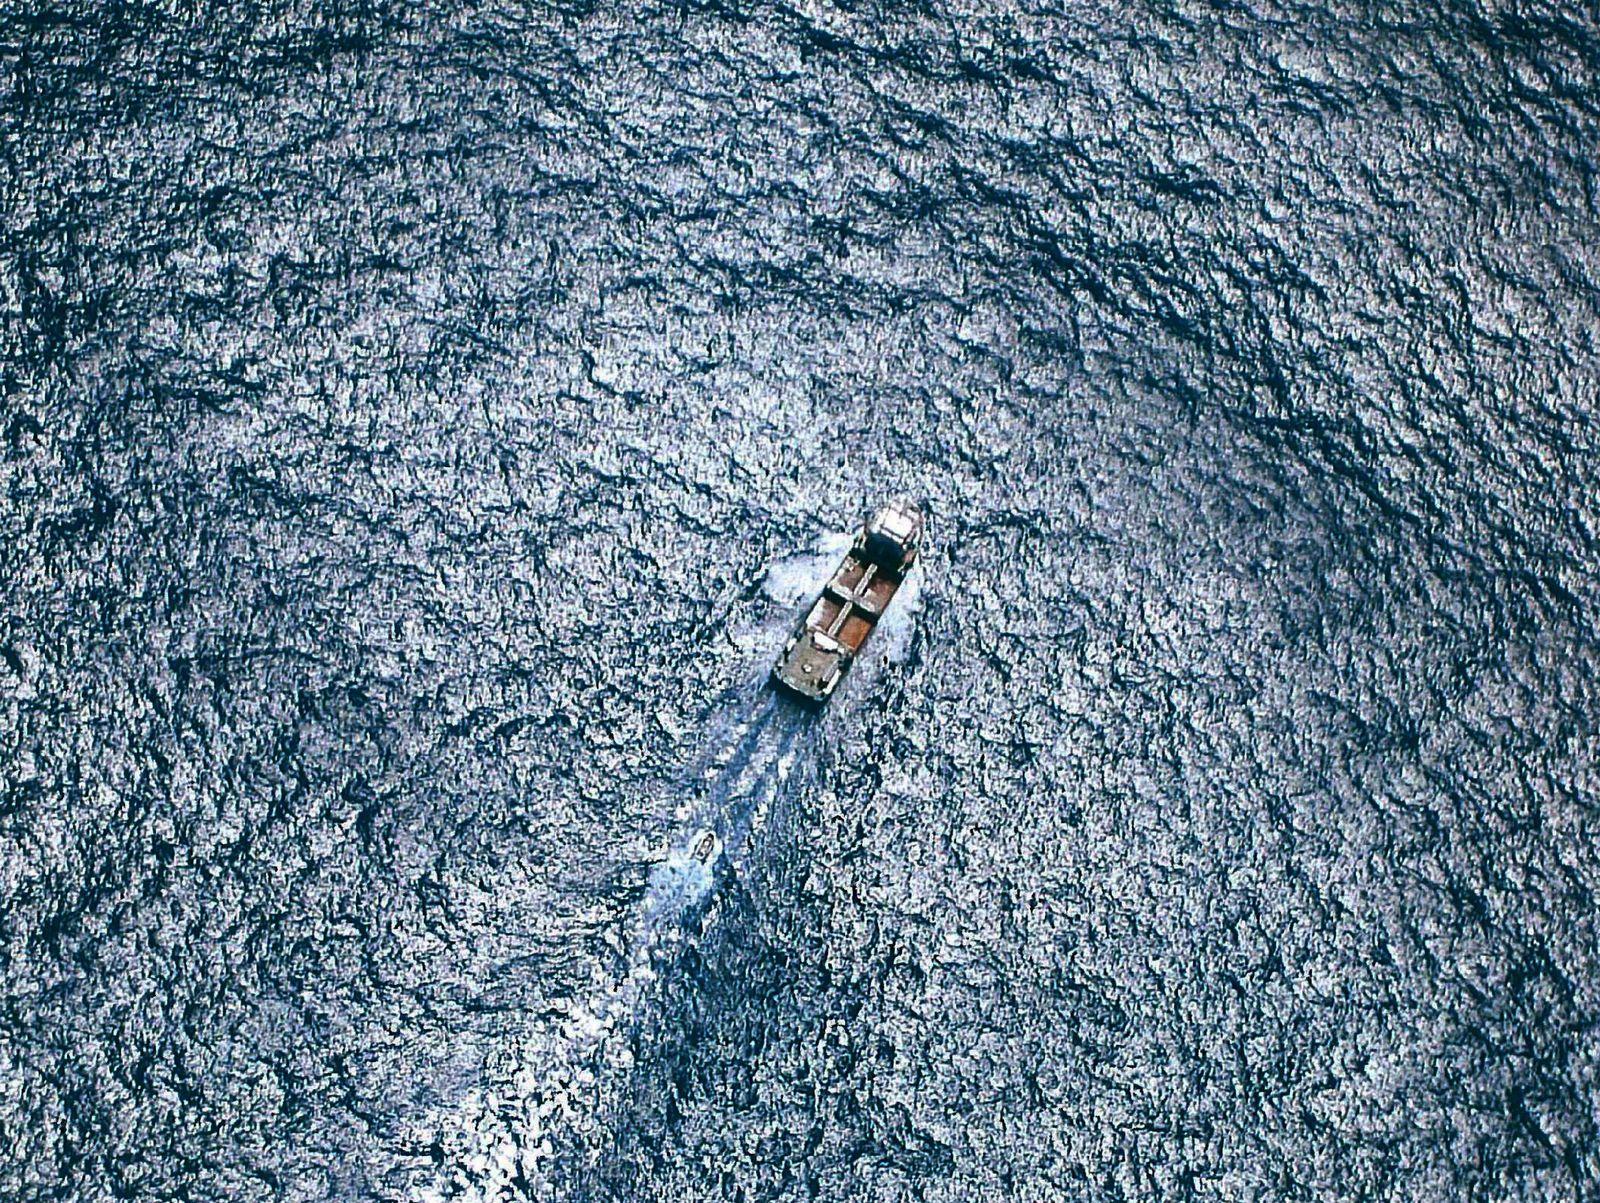 Belgisches Schiff auf Weg zu Seychellen im Indischen Ozean von Piraten gekapert